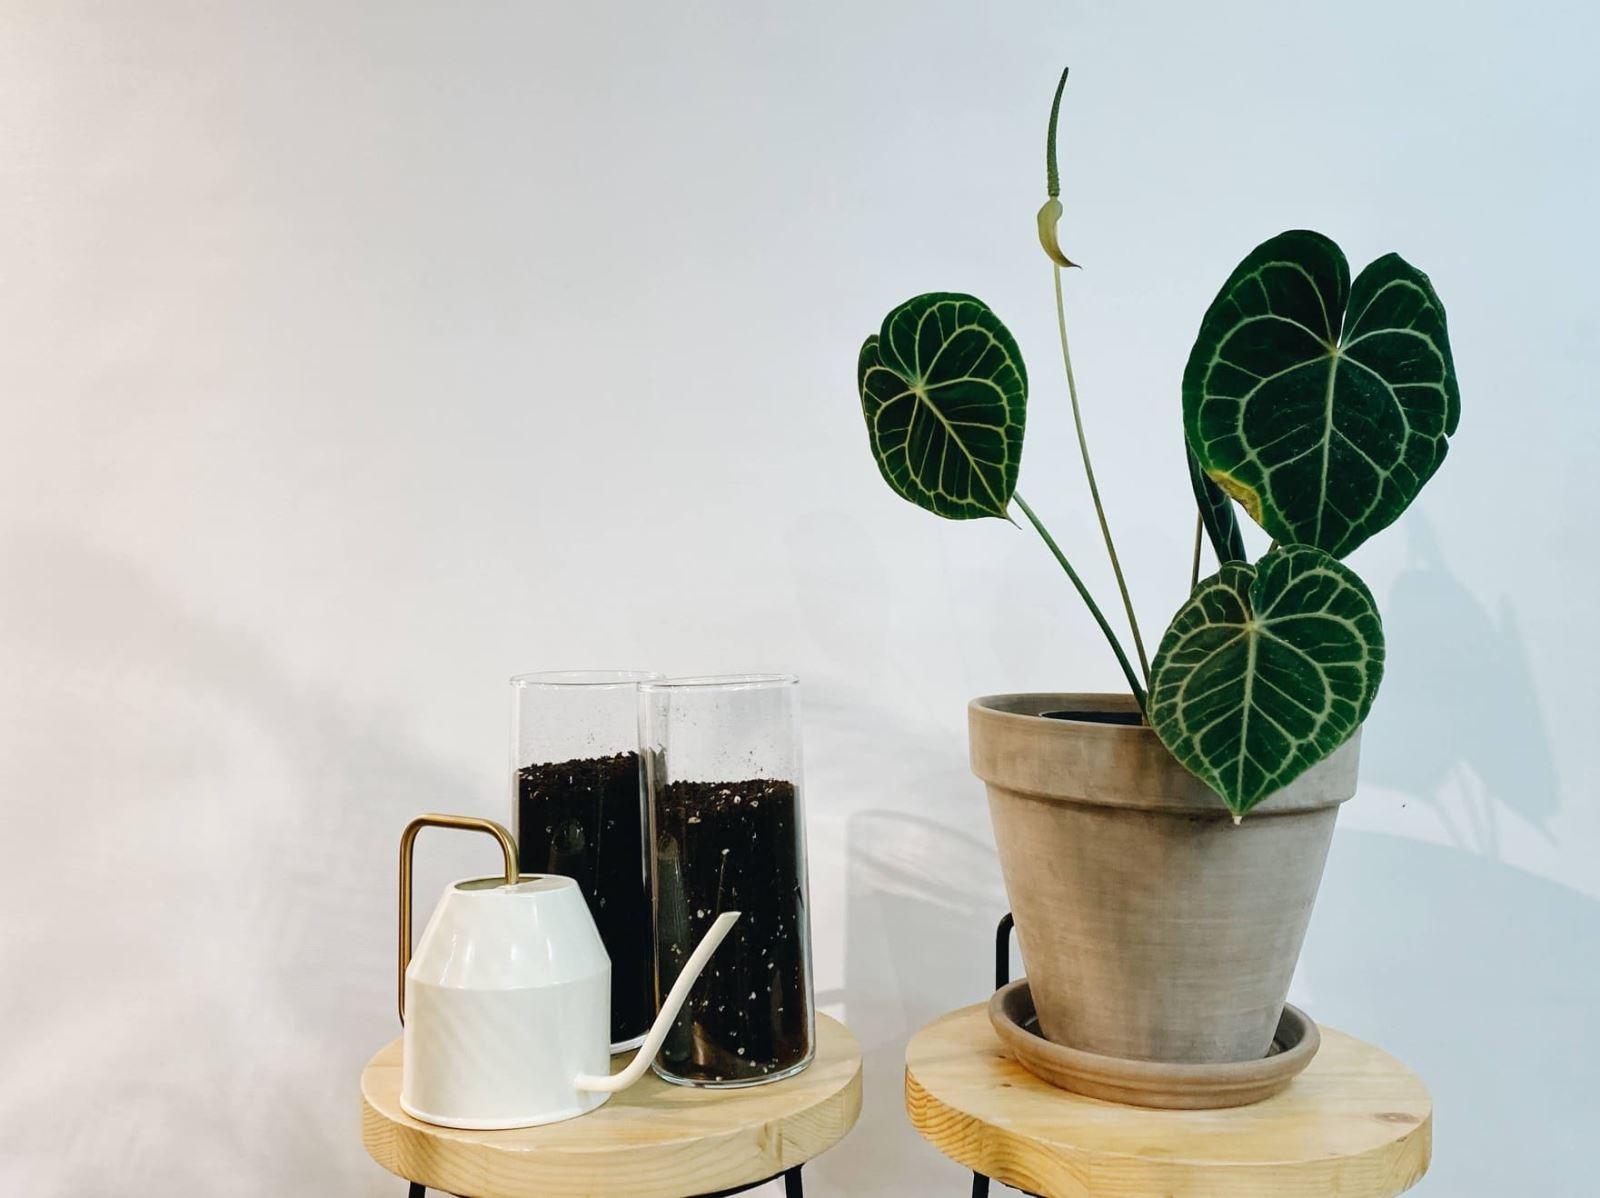 圓葉花燭Anthurium clarinervium婚禮感謝家人禮物